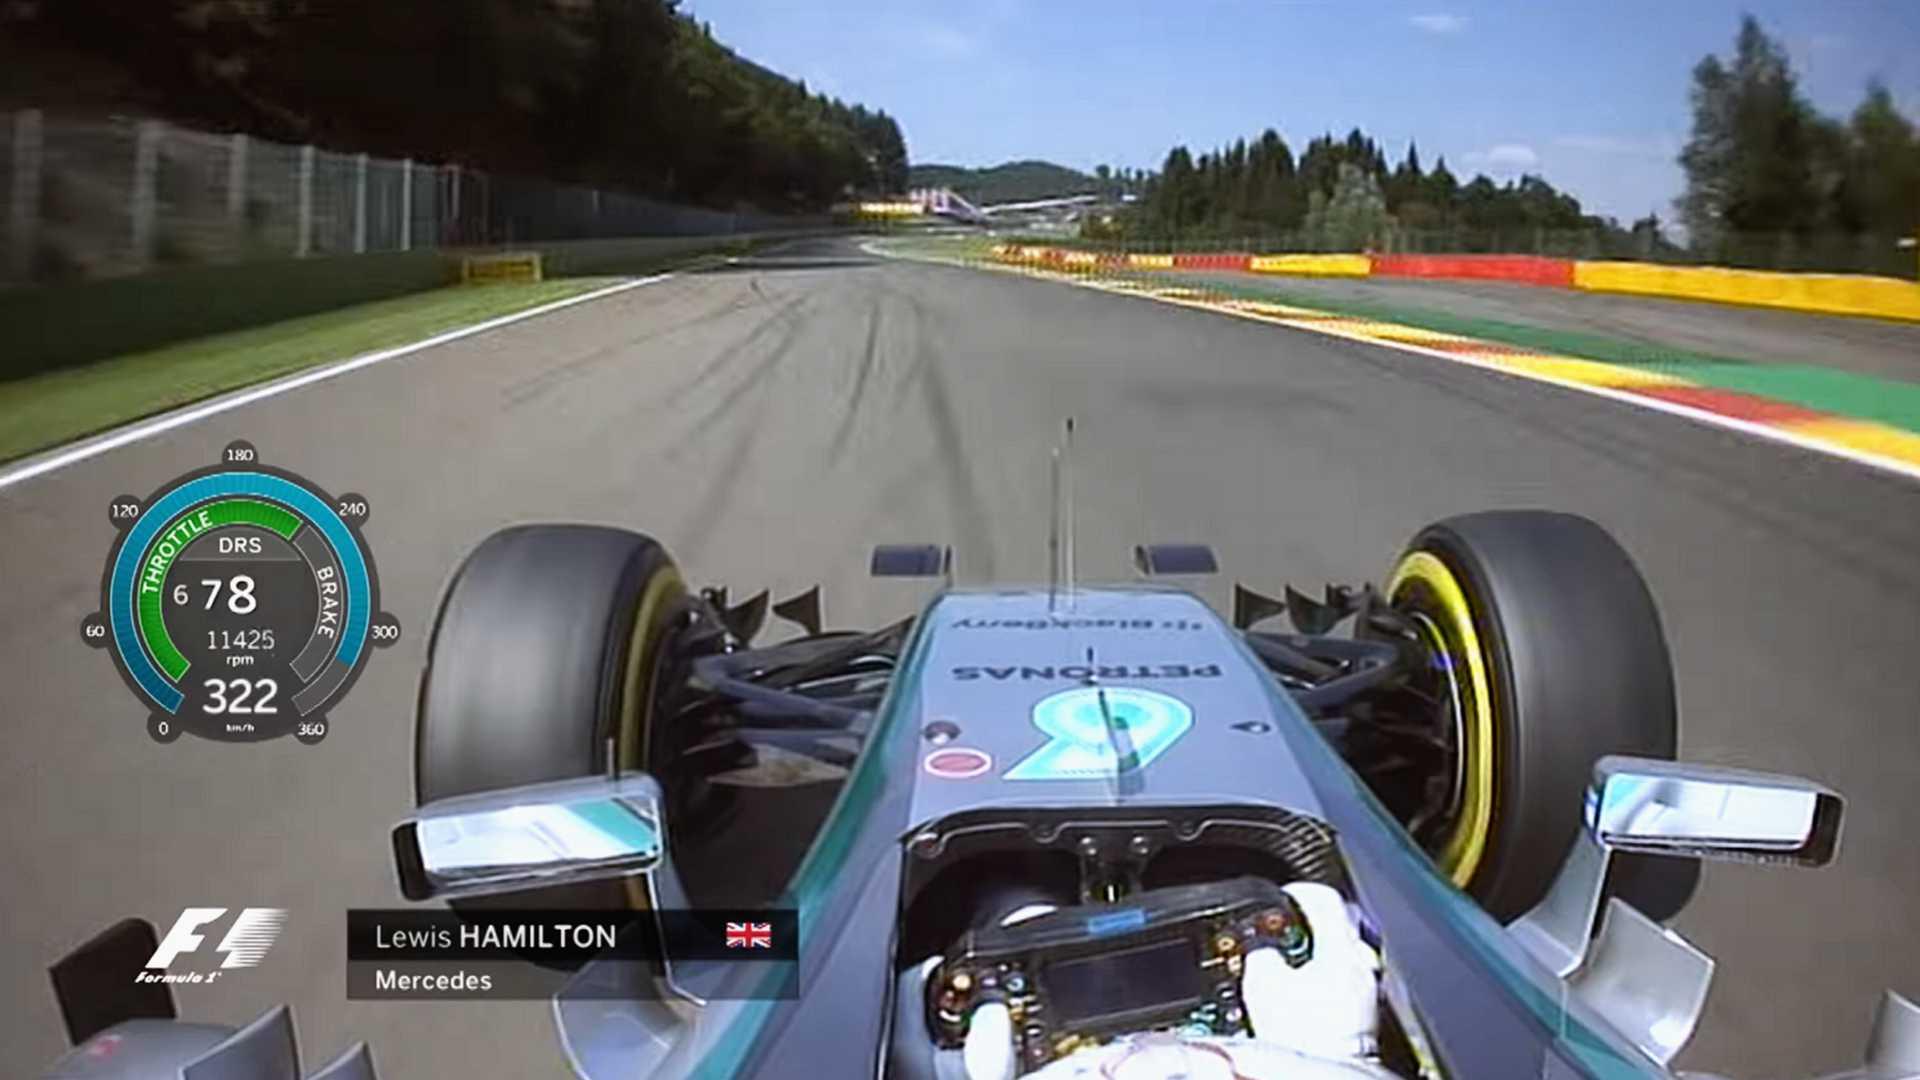 VN BELGIJE Circuit de Spa-Francorchamps Sektor 3 Slika 2